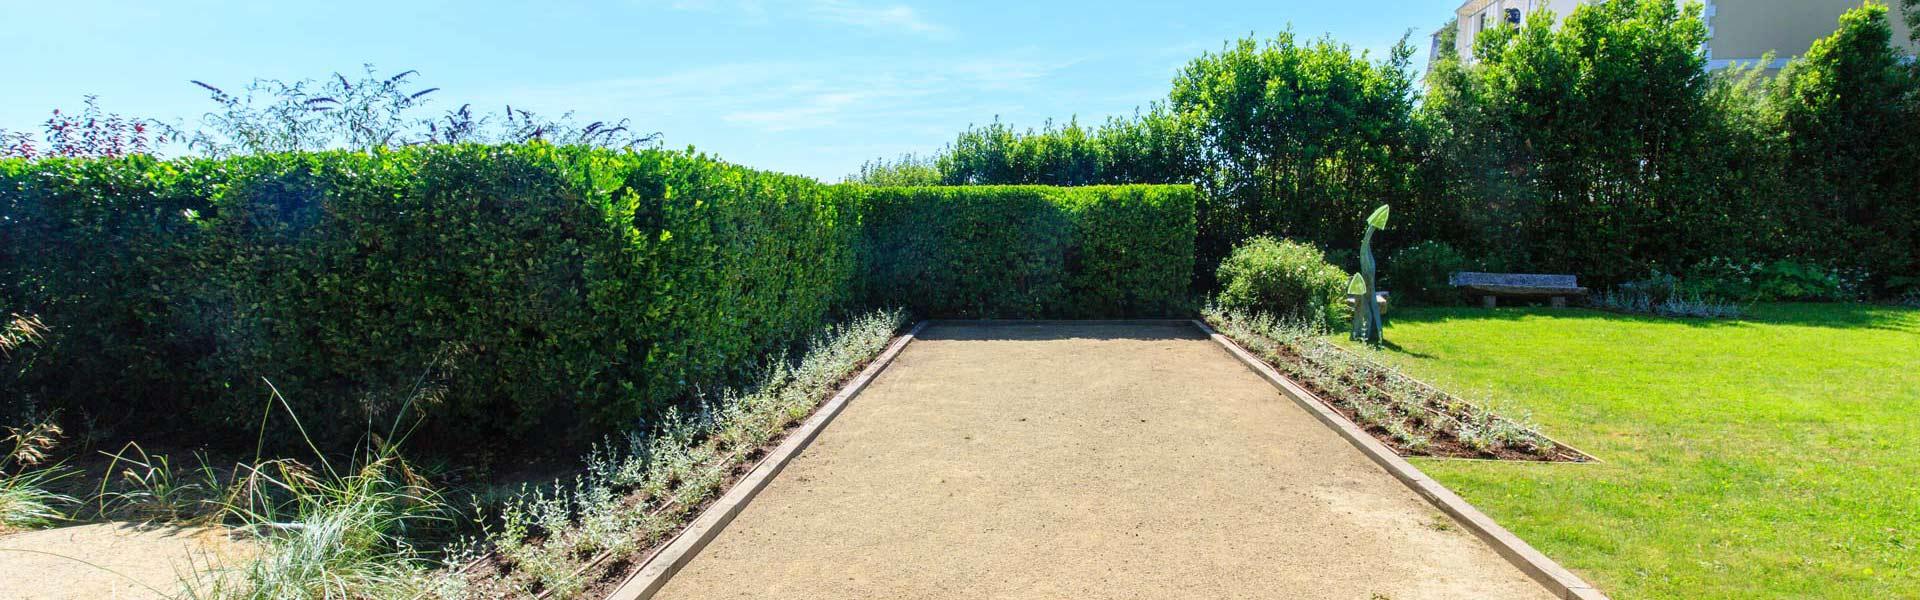 Manu prestations jardins service à la personne presqu'ile de Guérande La Baule Herbignac Paysagiste réduction d'impot